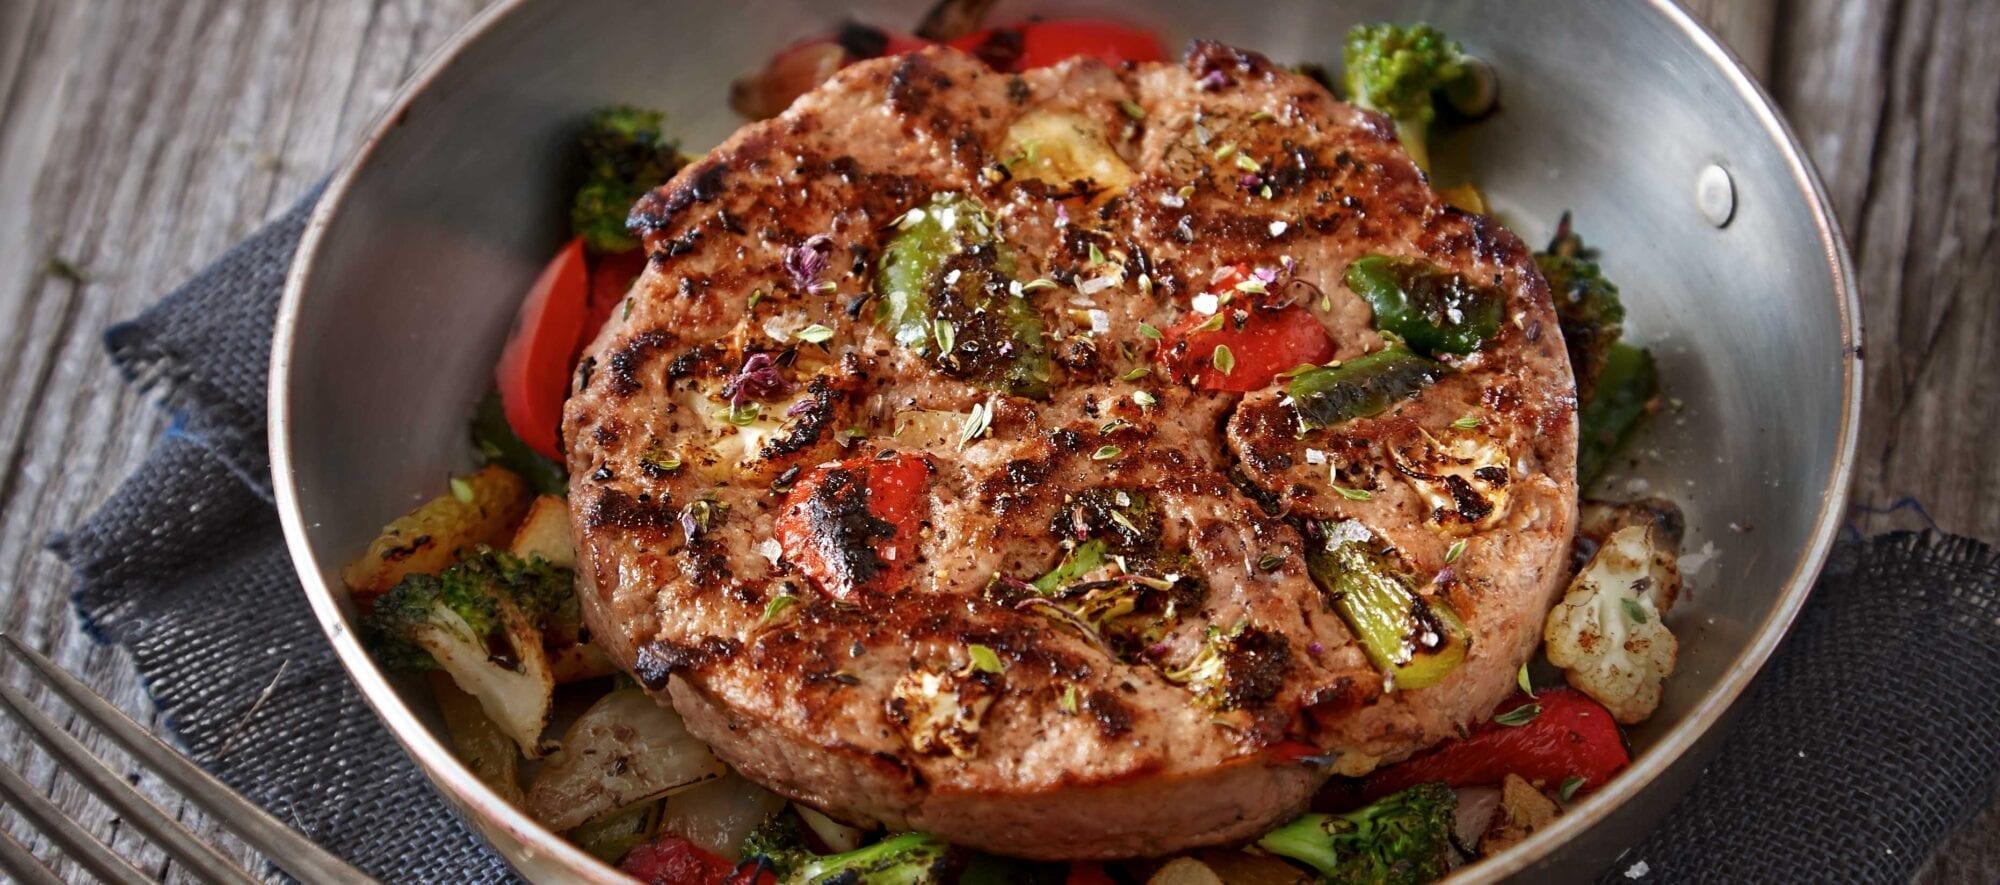 Lækker ret med lam lavet på panden med broccoli og peberfrugt